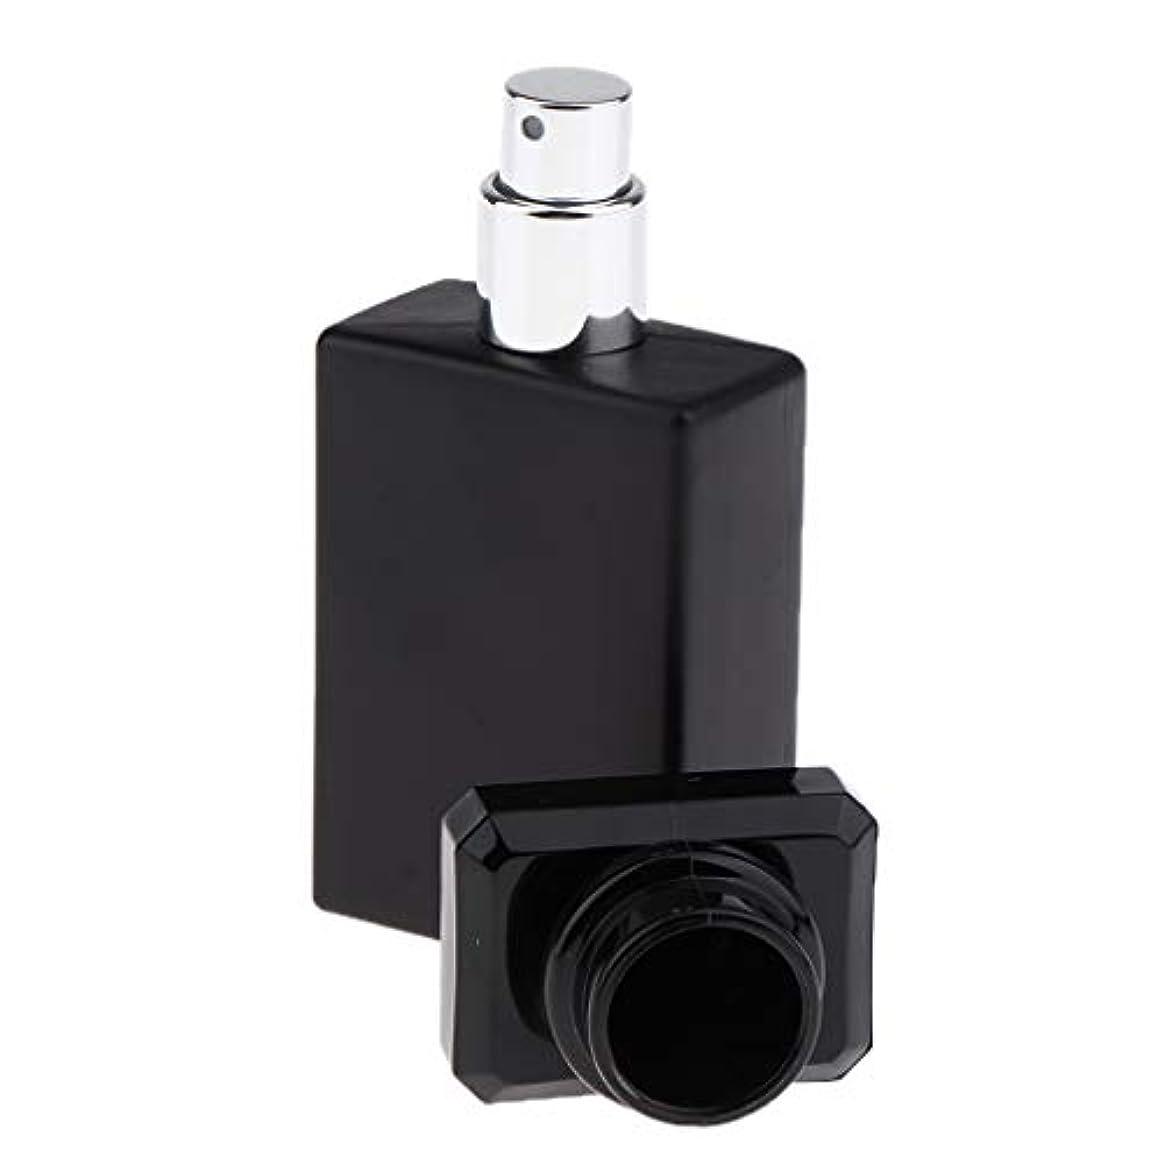 重要性リダクター選出するSM SunniMix 香水ガラス瓶 ガラスボトル 香水瓶 アトマイザー 空のボトル スプレーボトル 化粧品ボトル 全2色選ぶ - ブラック